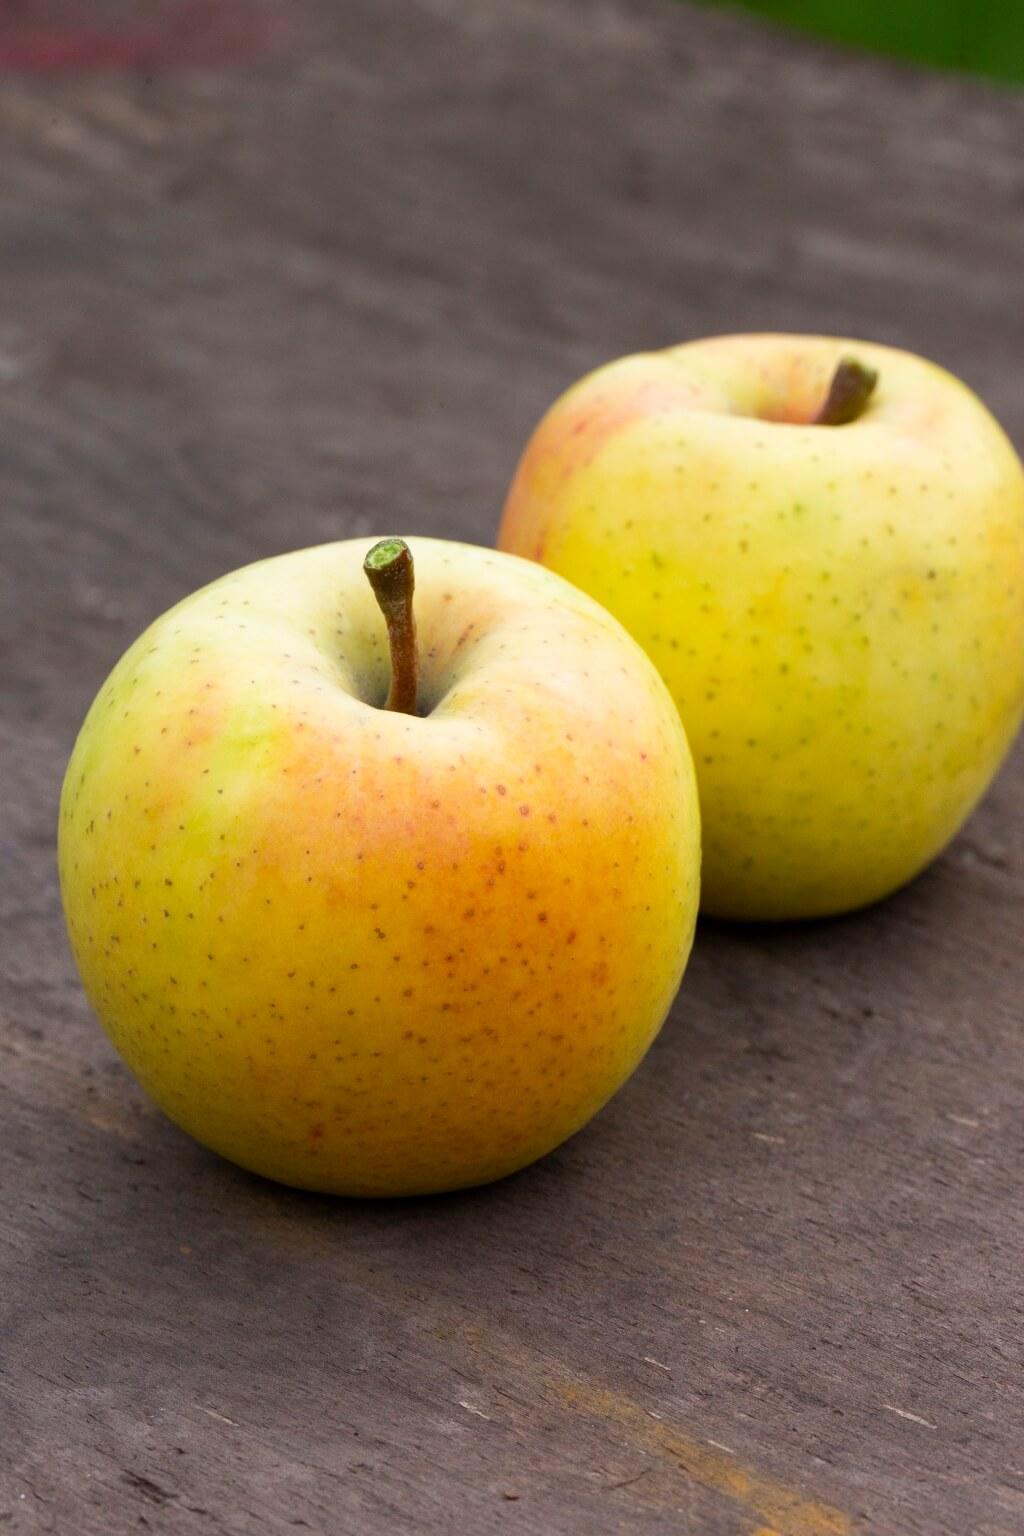 星之金貨擁有金黃的外皮,果皮比一般蘋果來得薄脆,一咬發出清脆的聲 音,甜酸比例得宜。